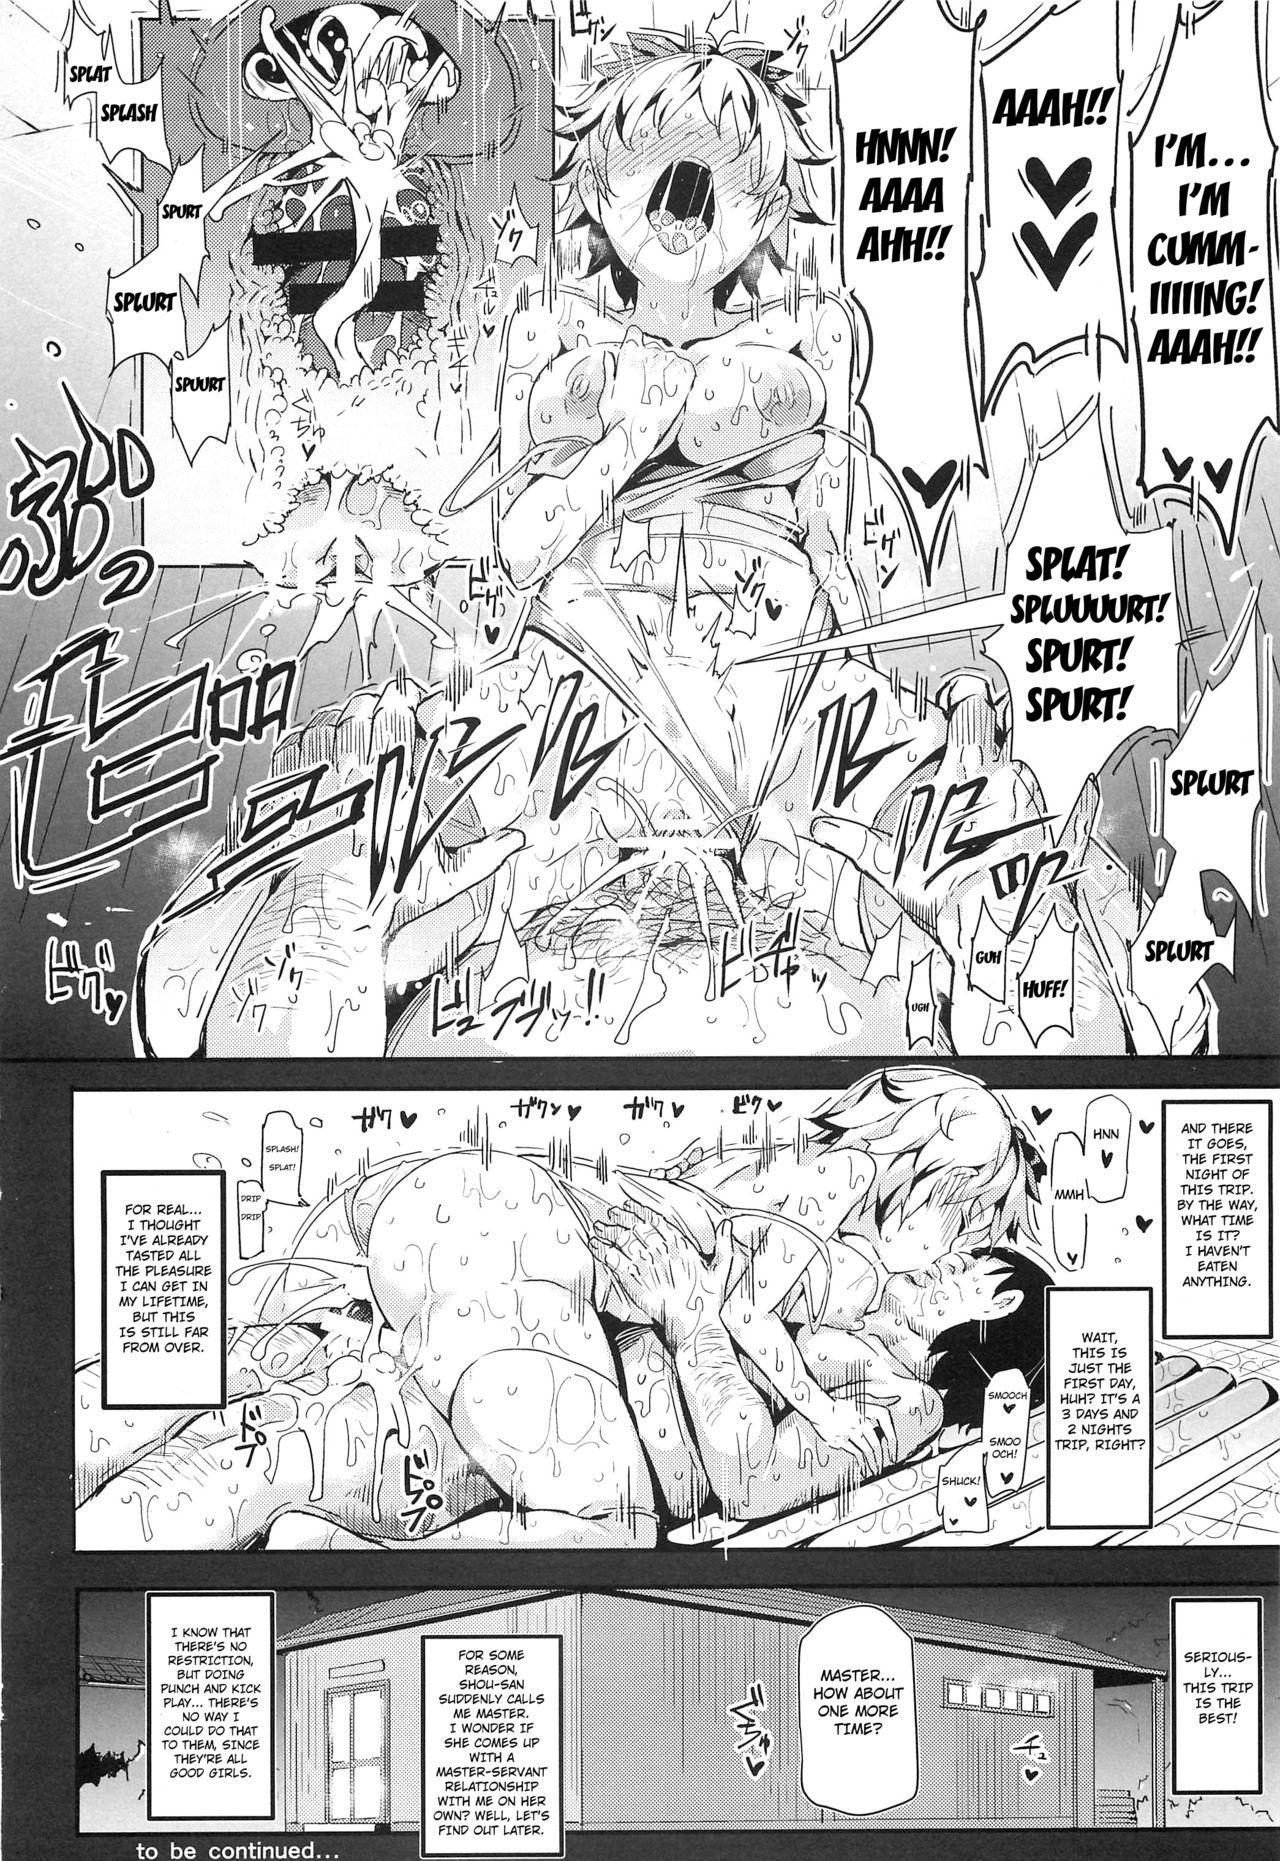 (C88) [Nyuu Koubou (Nyuu)] Oidemase!! Jiyuu Fuuzoku Gensoukyou 2-haku 3-kka no Tabi - Seiren (Touhou Project) [English] [Hong_Mei_Ling] 27